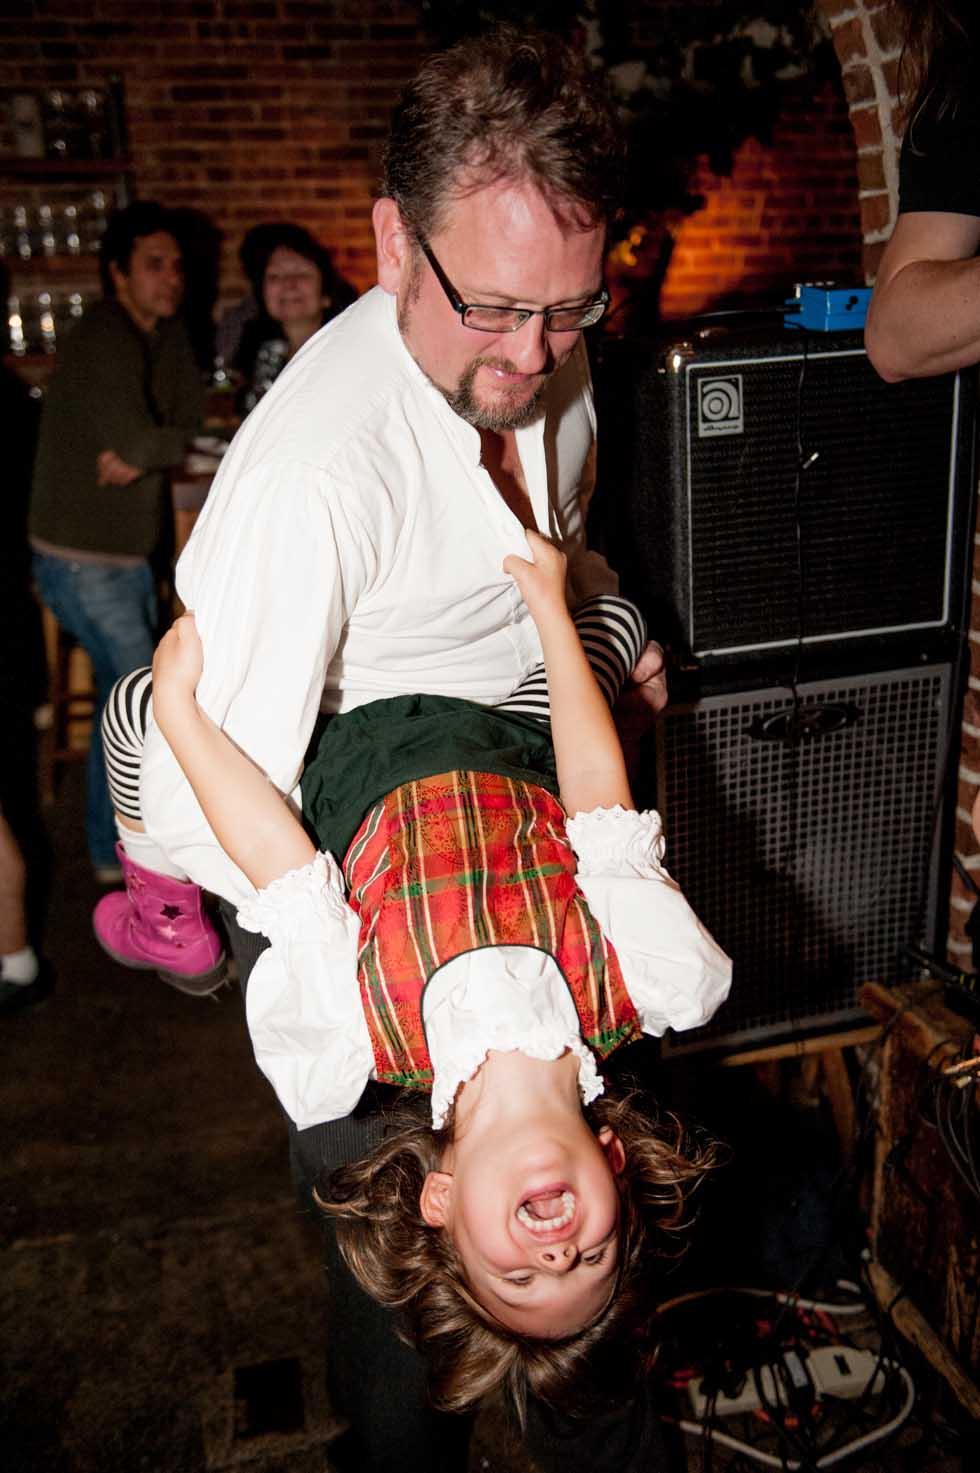 zum-schneider-nyc-2013-andechs-party-9025.jpg